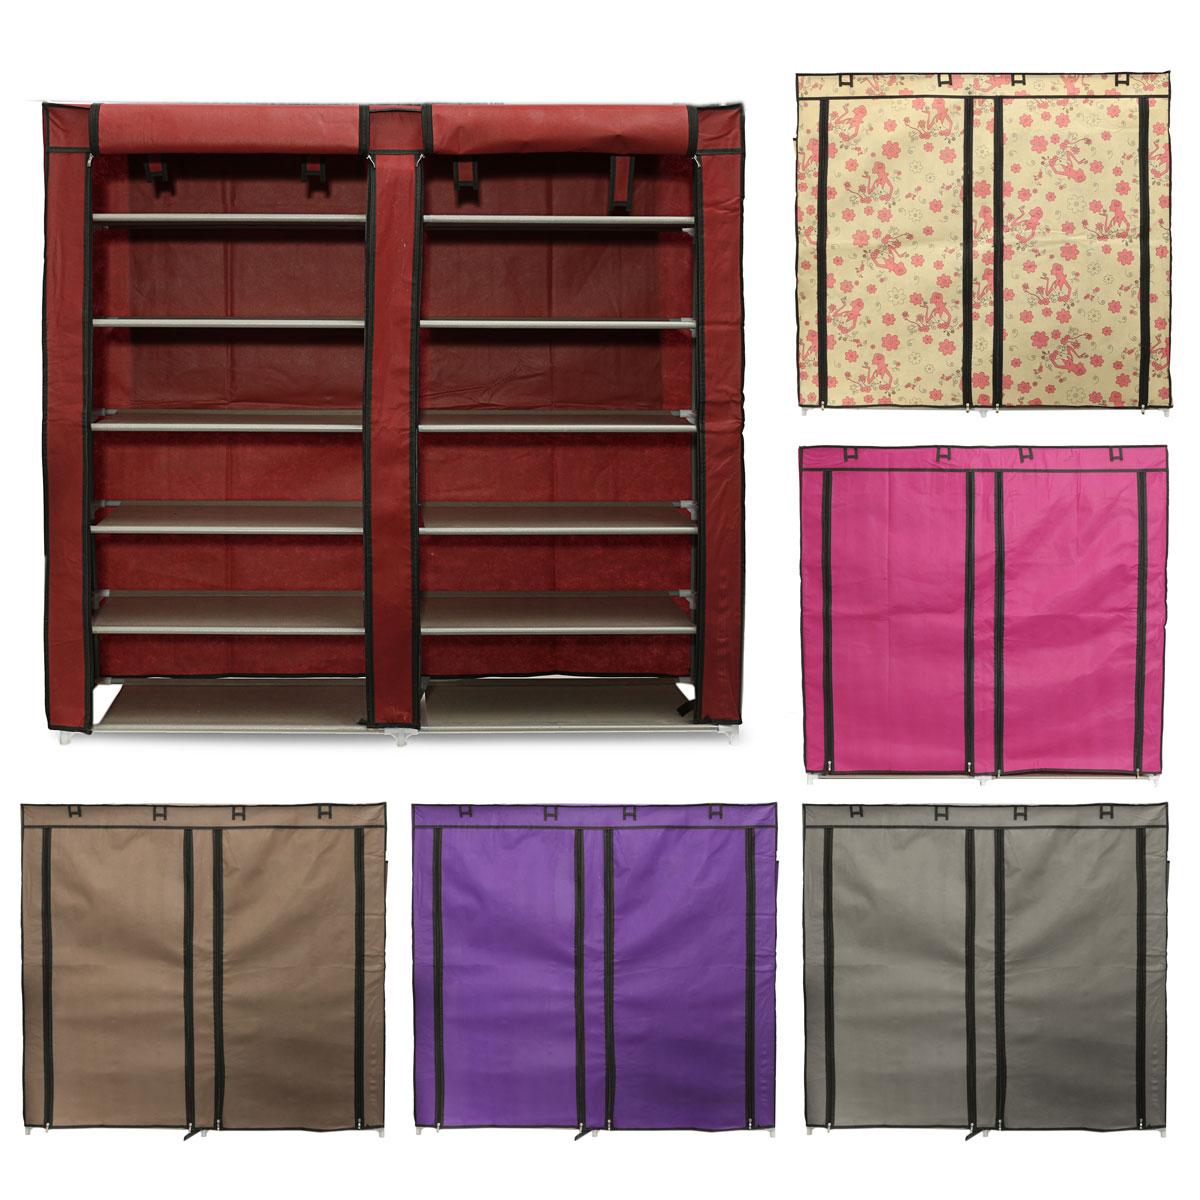 tempsa armoire chaussures etag re en toile stockage rangement fleur achat vente meuble. Black Bedroom Furniture Sets. Home Design Ideas